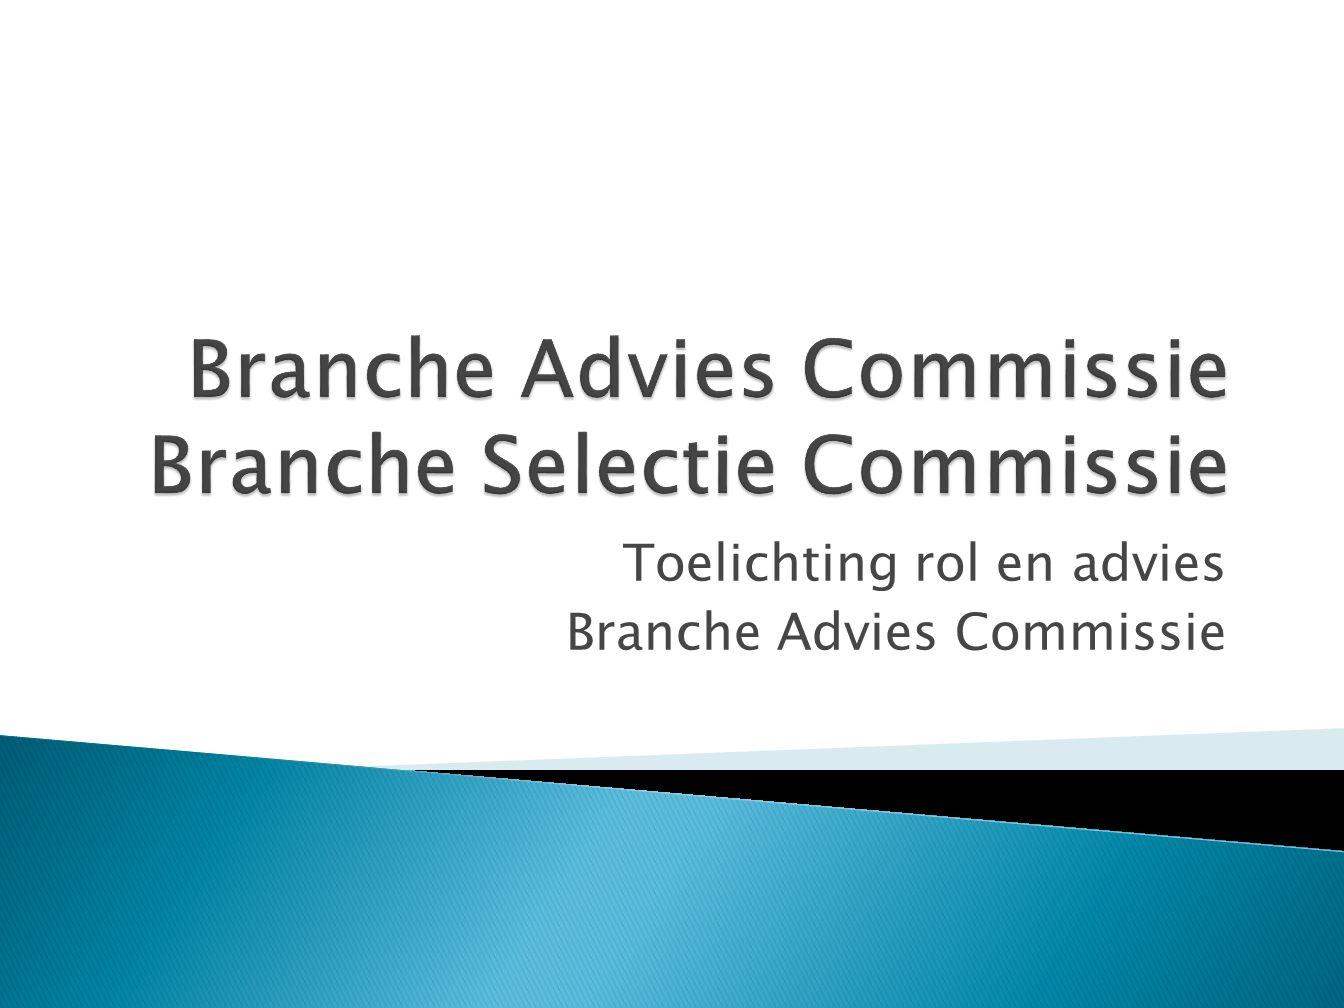 Toelichting rol en advies Branche Advies Commissie